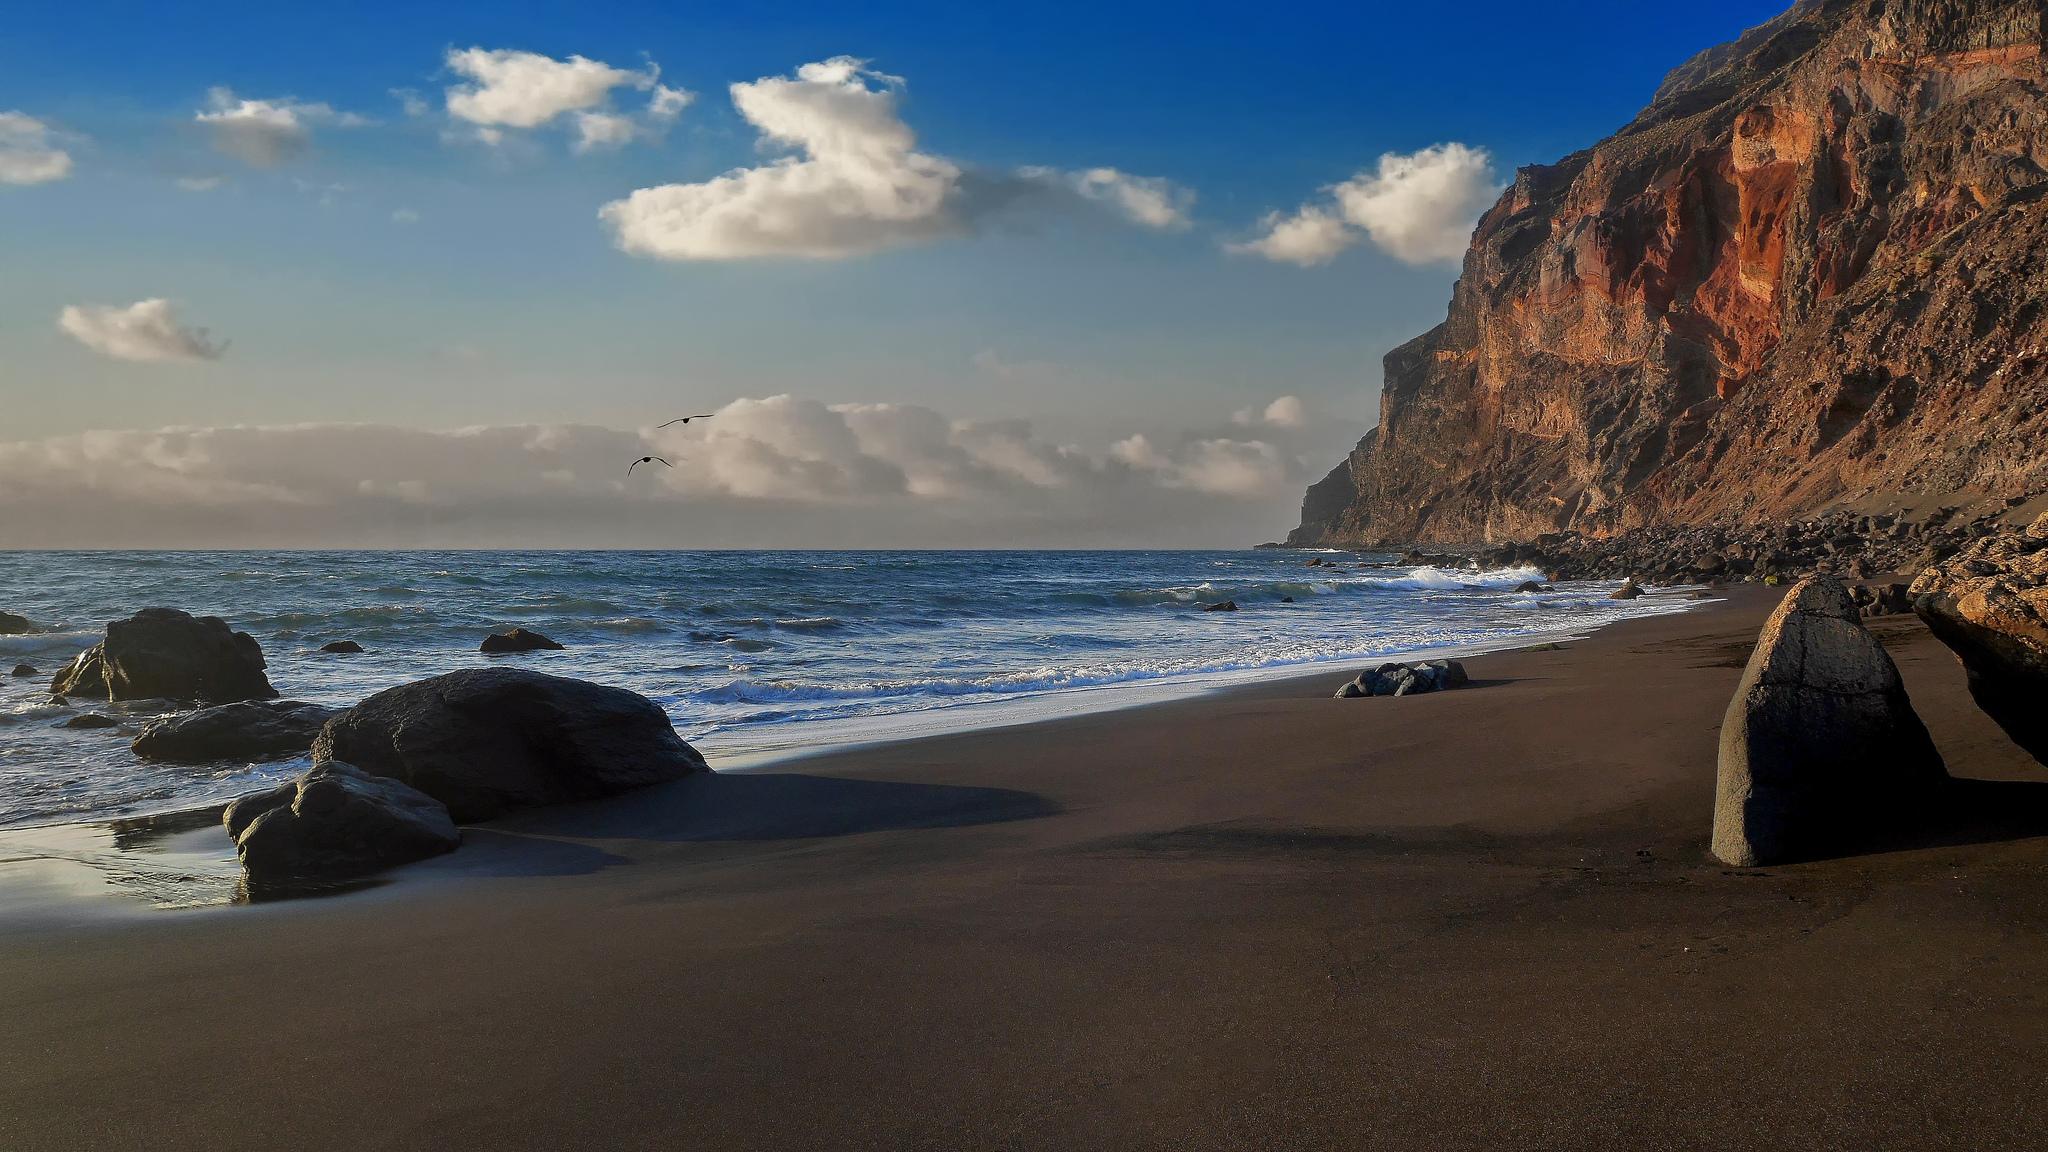 Остров Ла Гомера, Испания: интересные достопримечательности, как добраться, чем заняться, туристические лайфхаки